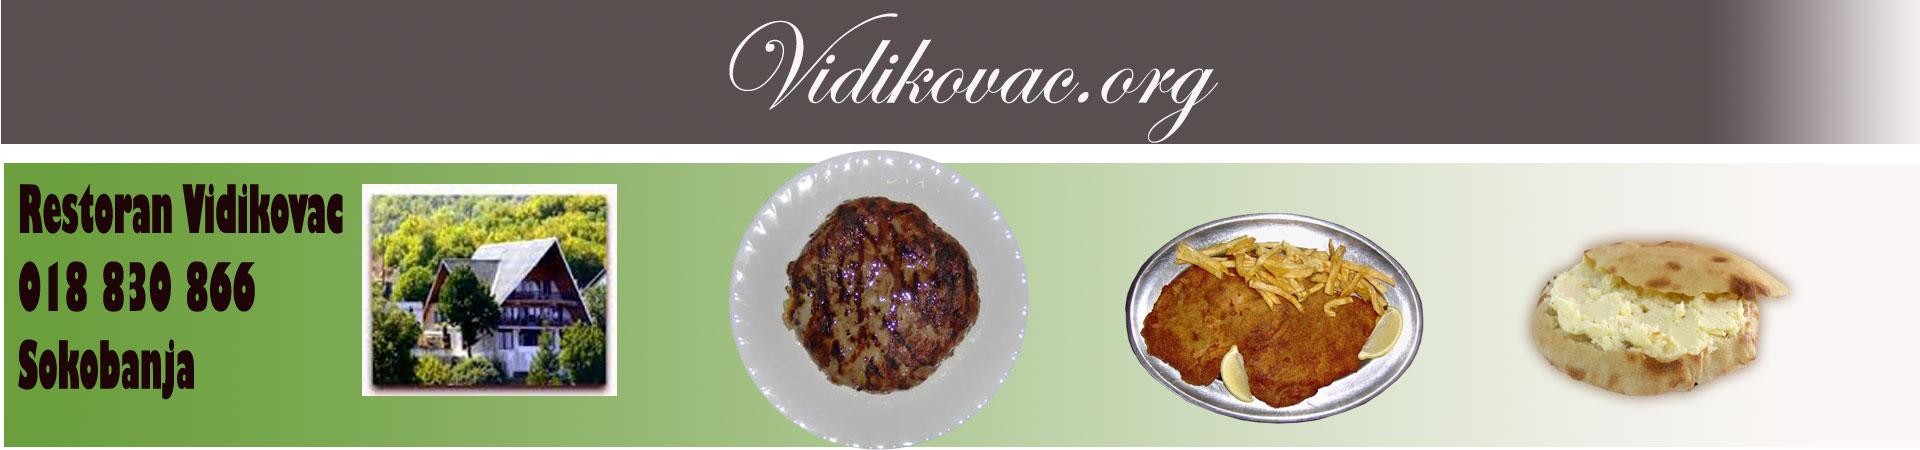 Restoran Vidikovac